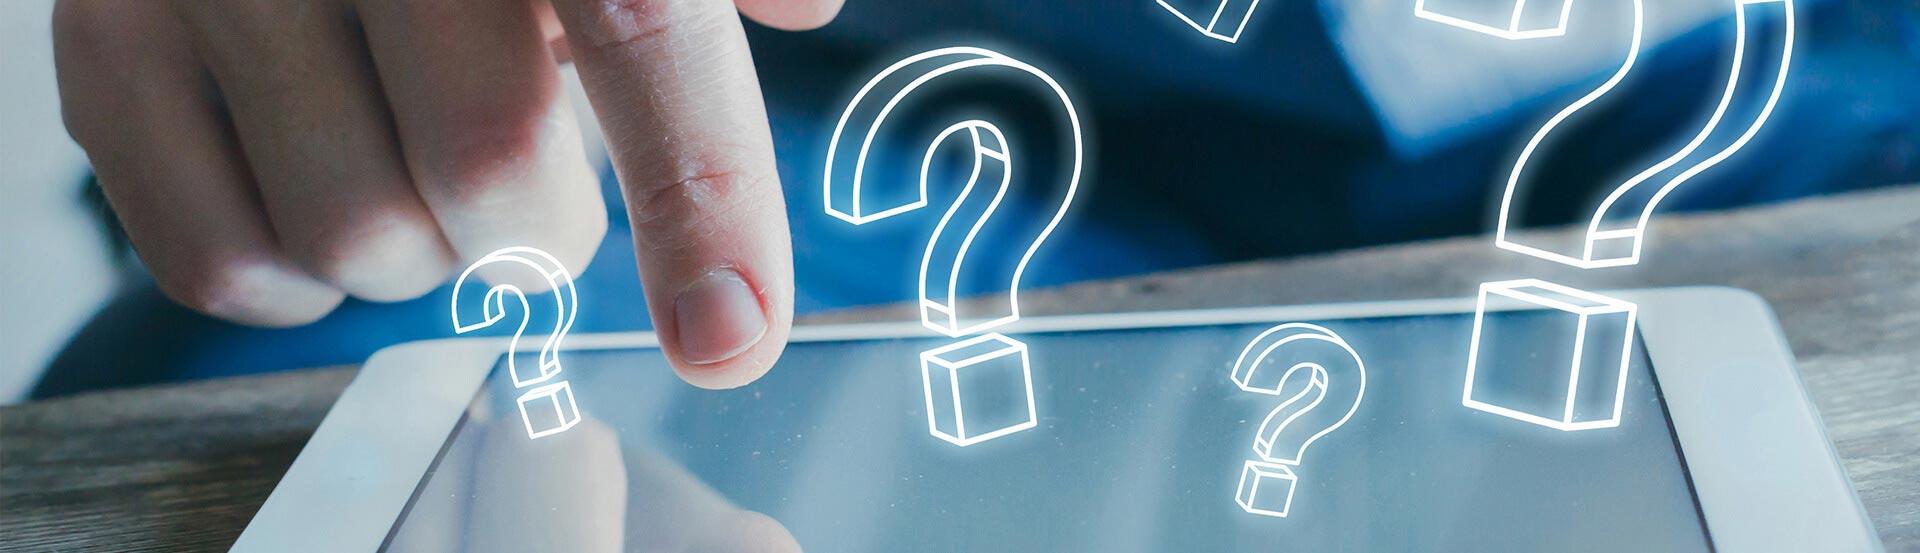 Envoi de questionnaire par FTP